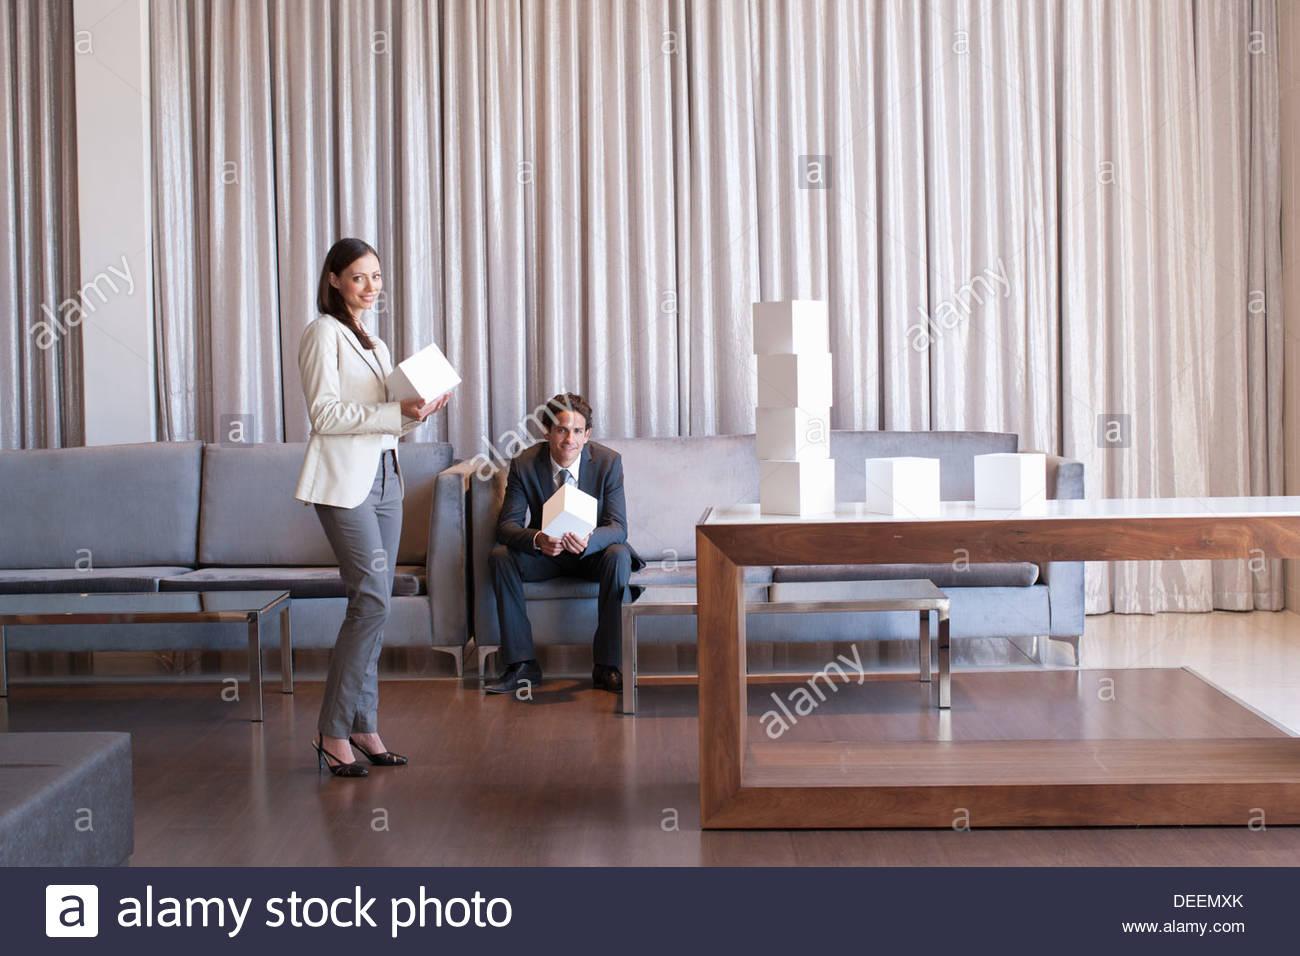 Les gens d'affaires des cubes d'empilage dans le hall de l'hôtel Photo Stock